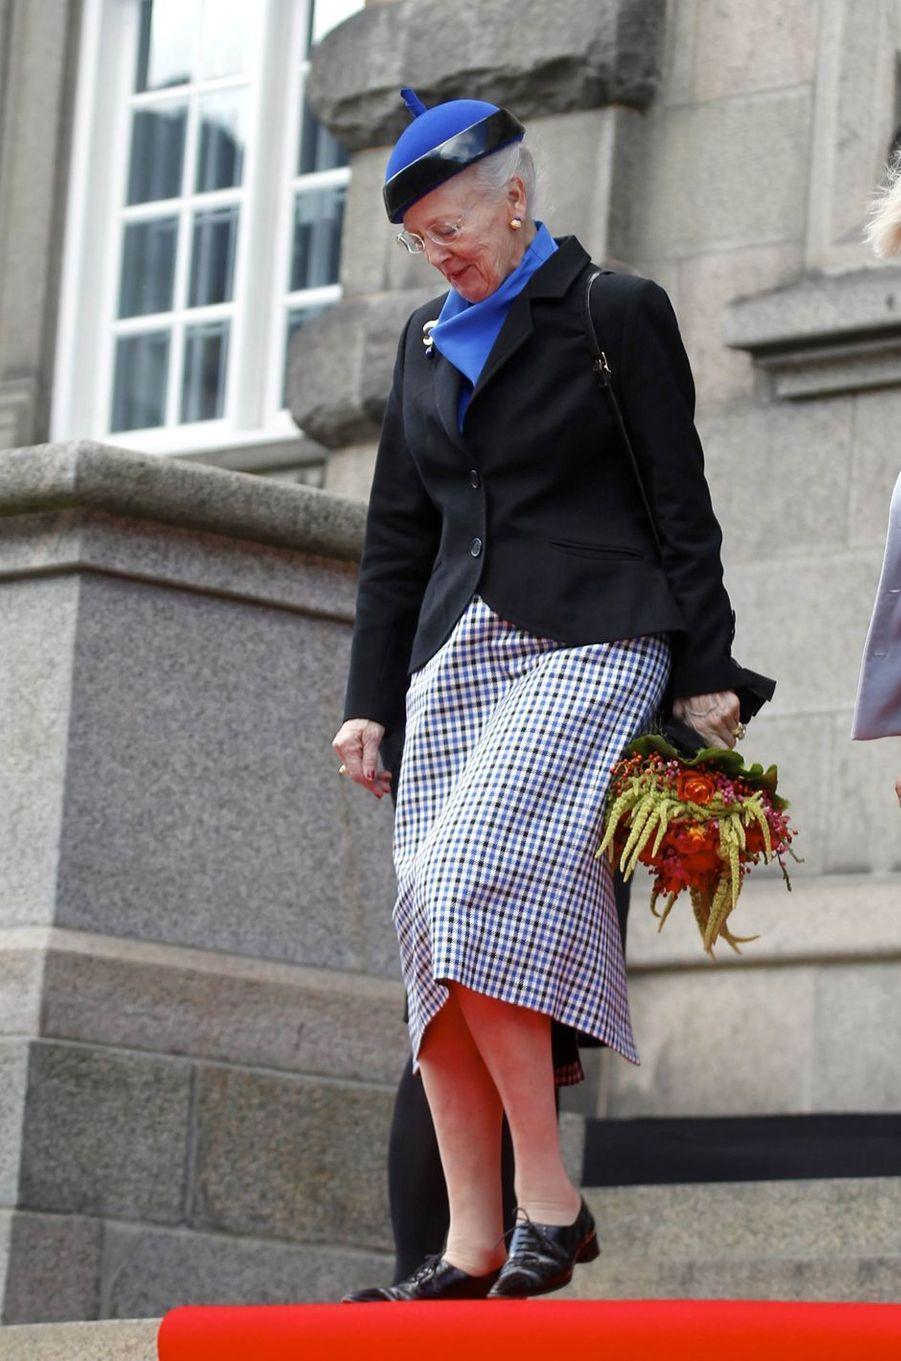 La reine Margrethe II de Danemark à Copenhague, le 3 octobre 2017